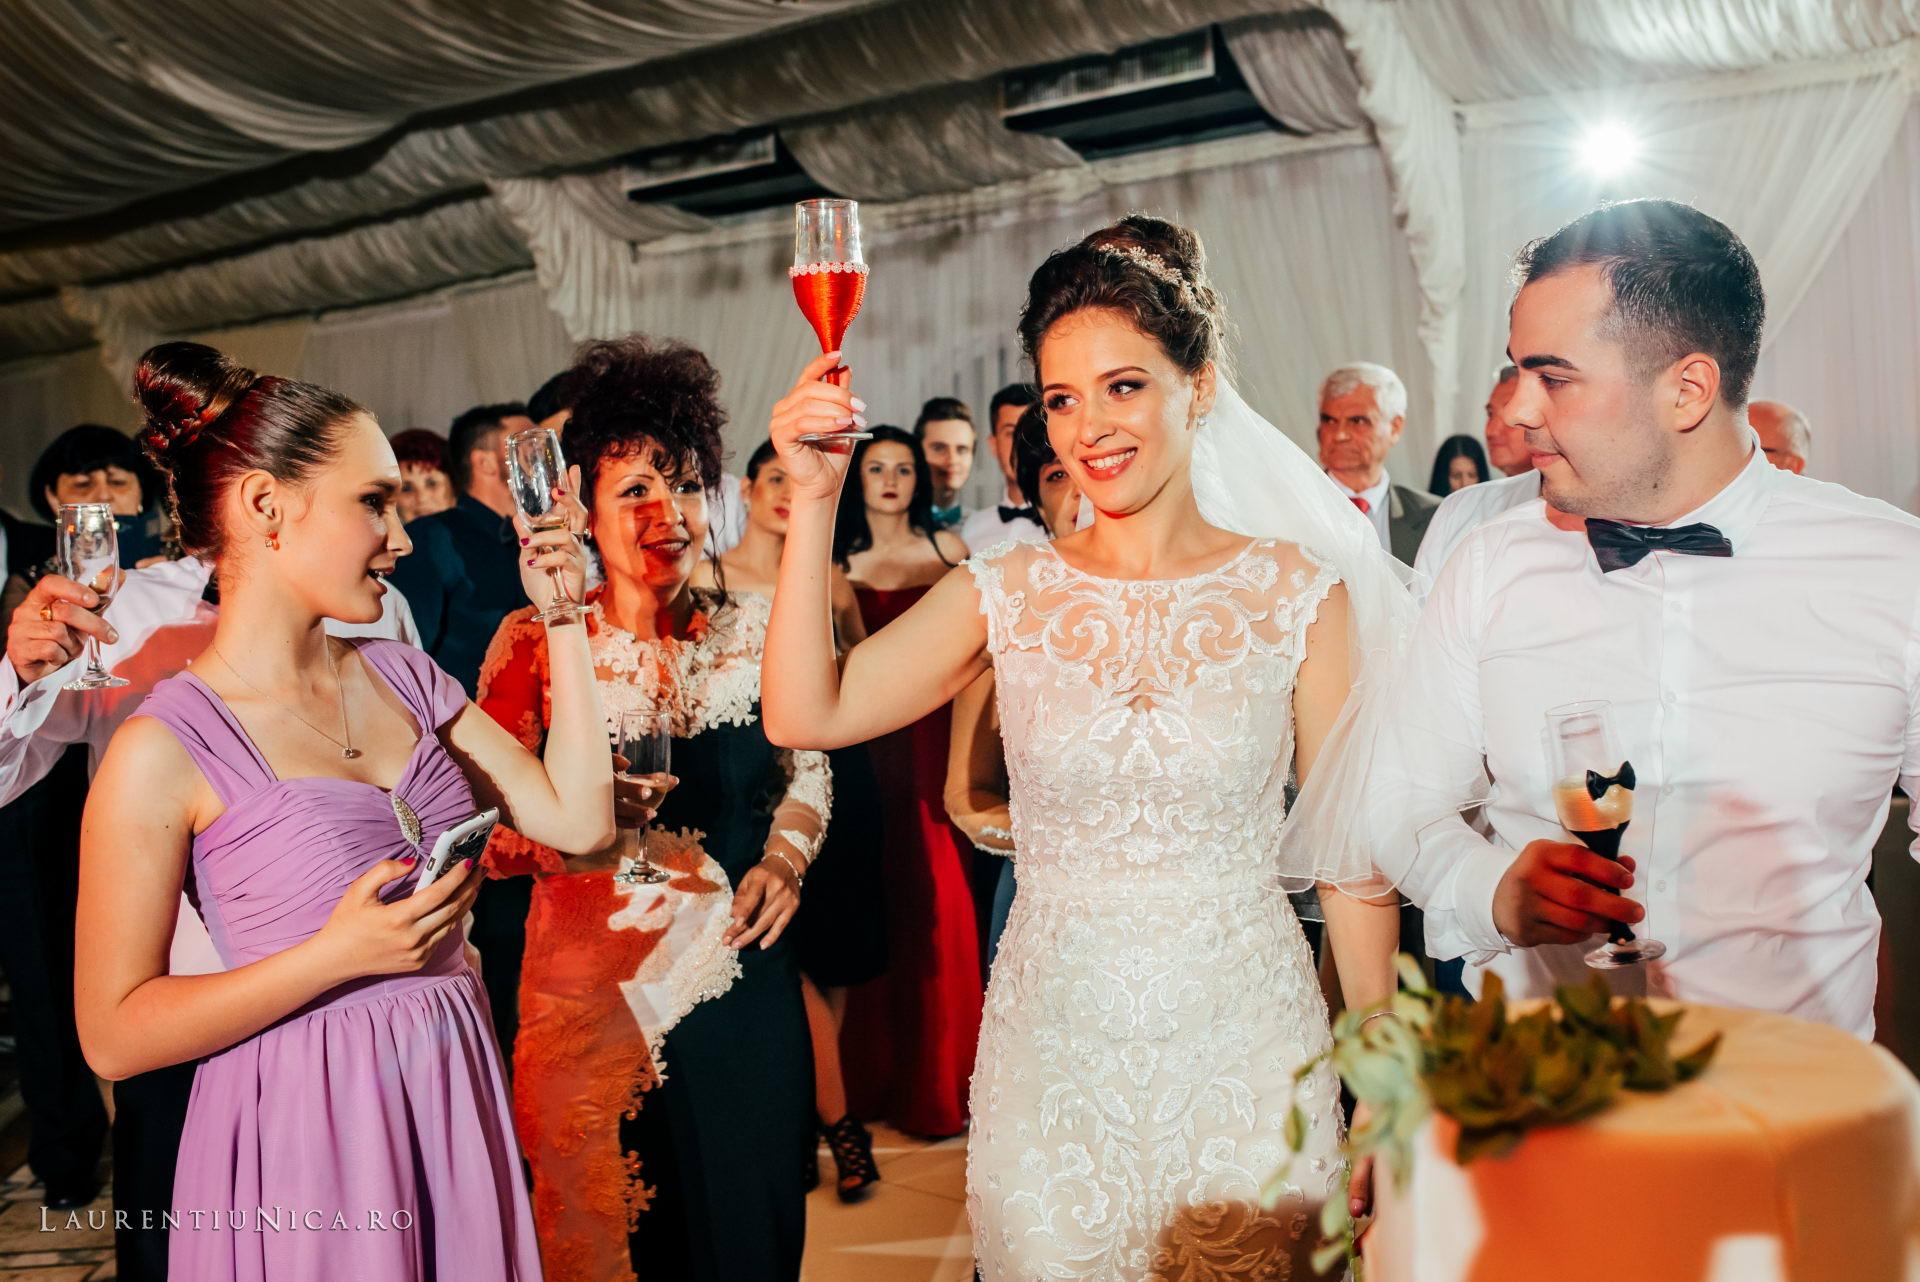 denisa si catalin fotograf nunta laurentiu nica craiova 88 - Denisa si Catalin | Fotografii nunta | Craiova